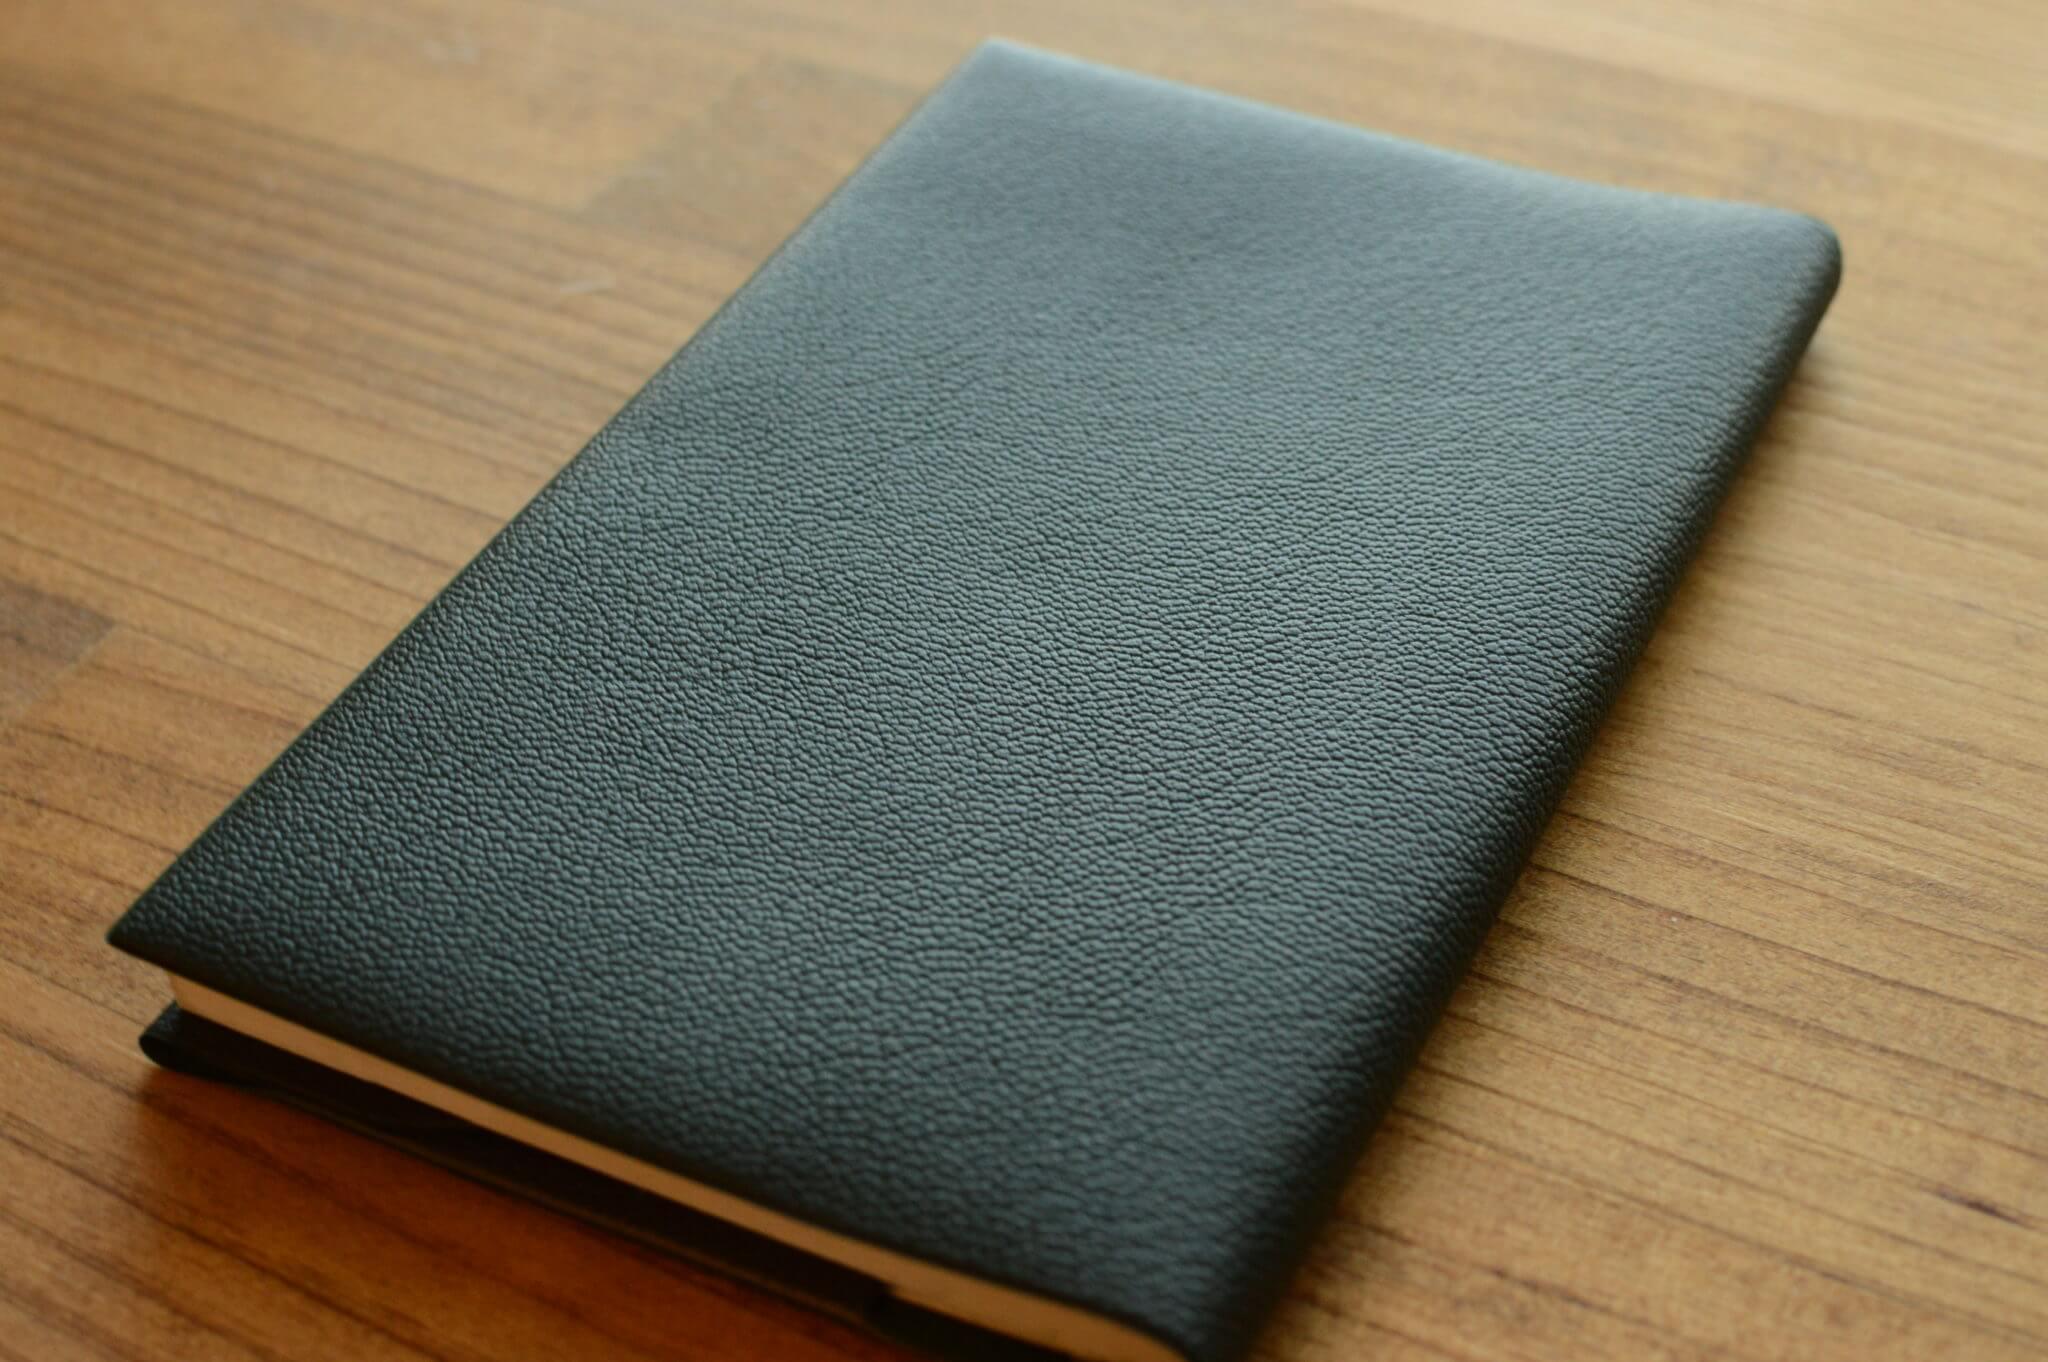 安価なのに完璧なブックカバー「コンサイス皮革調ブックカバー」